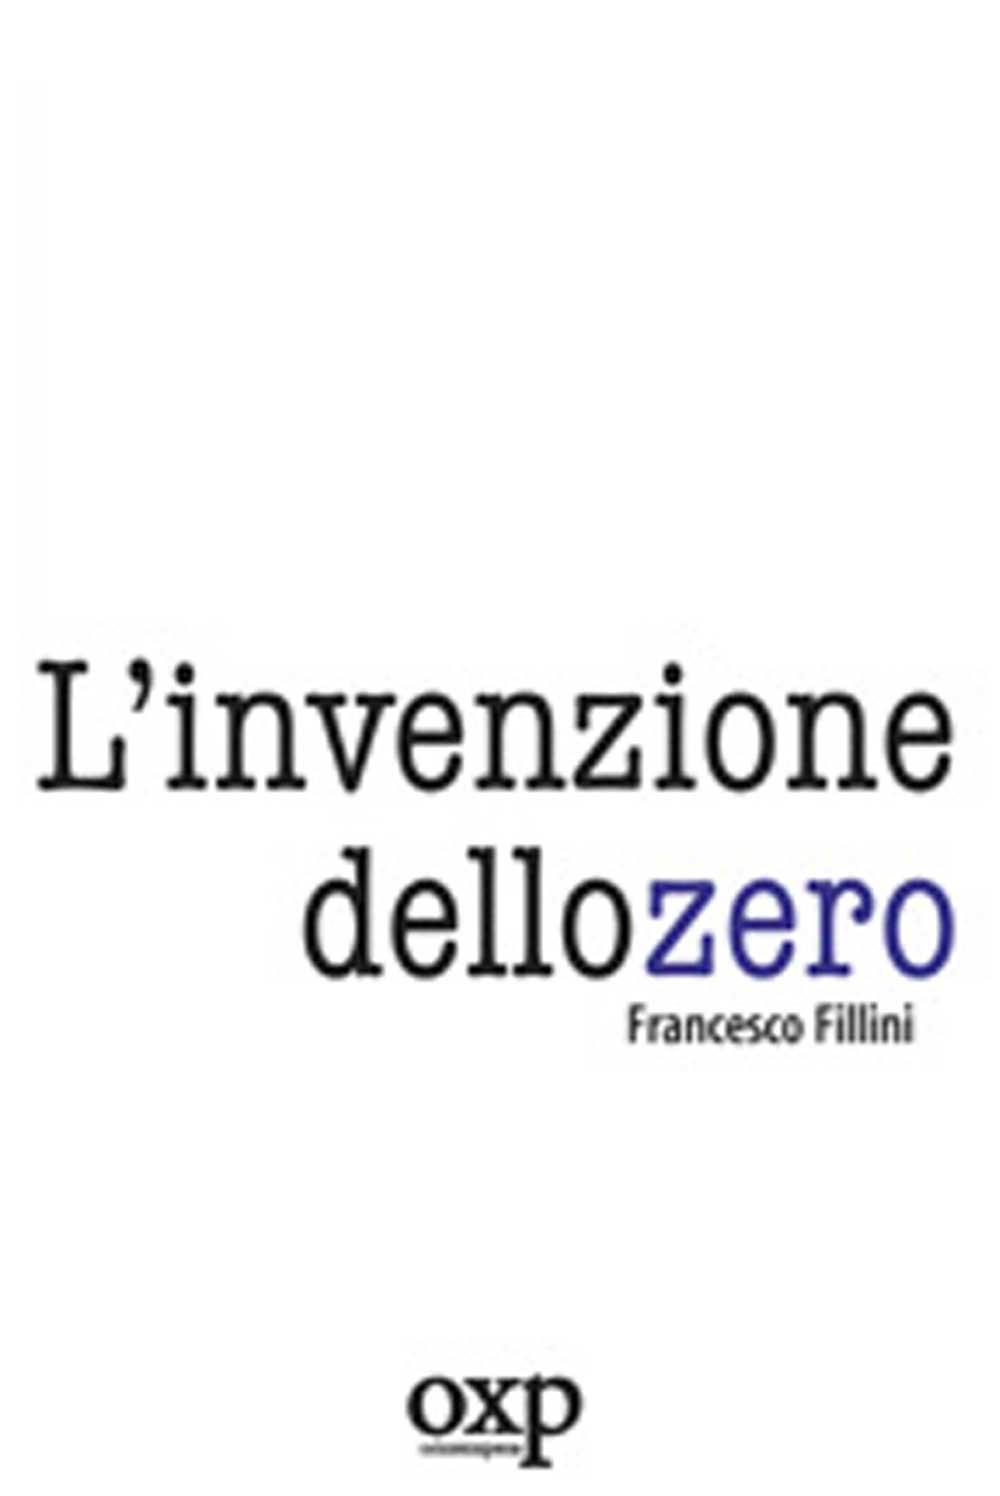 https://www.amazon.it/Linvenzione-dello-zero-Francesco-Fillini/dp/8895007042